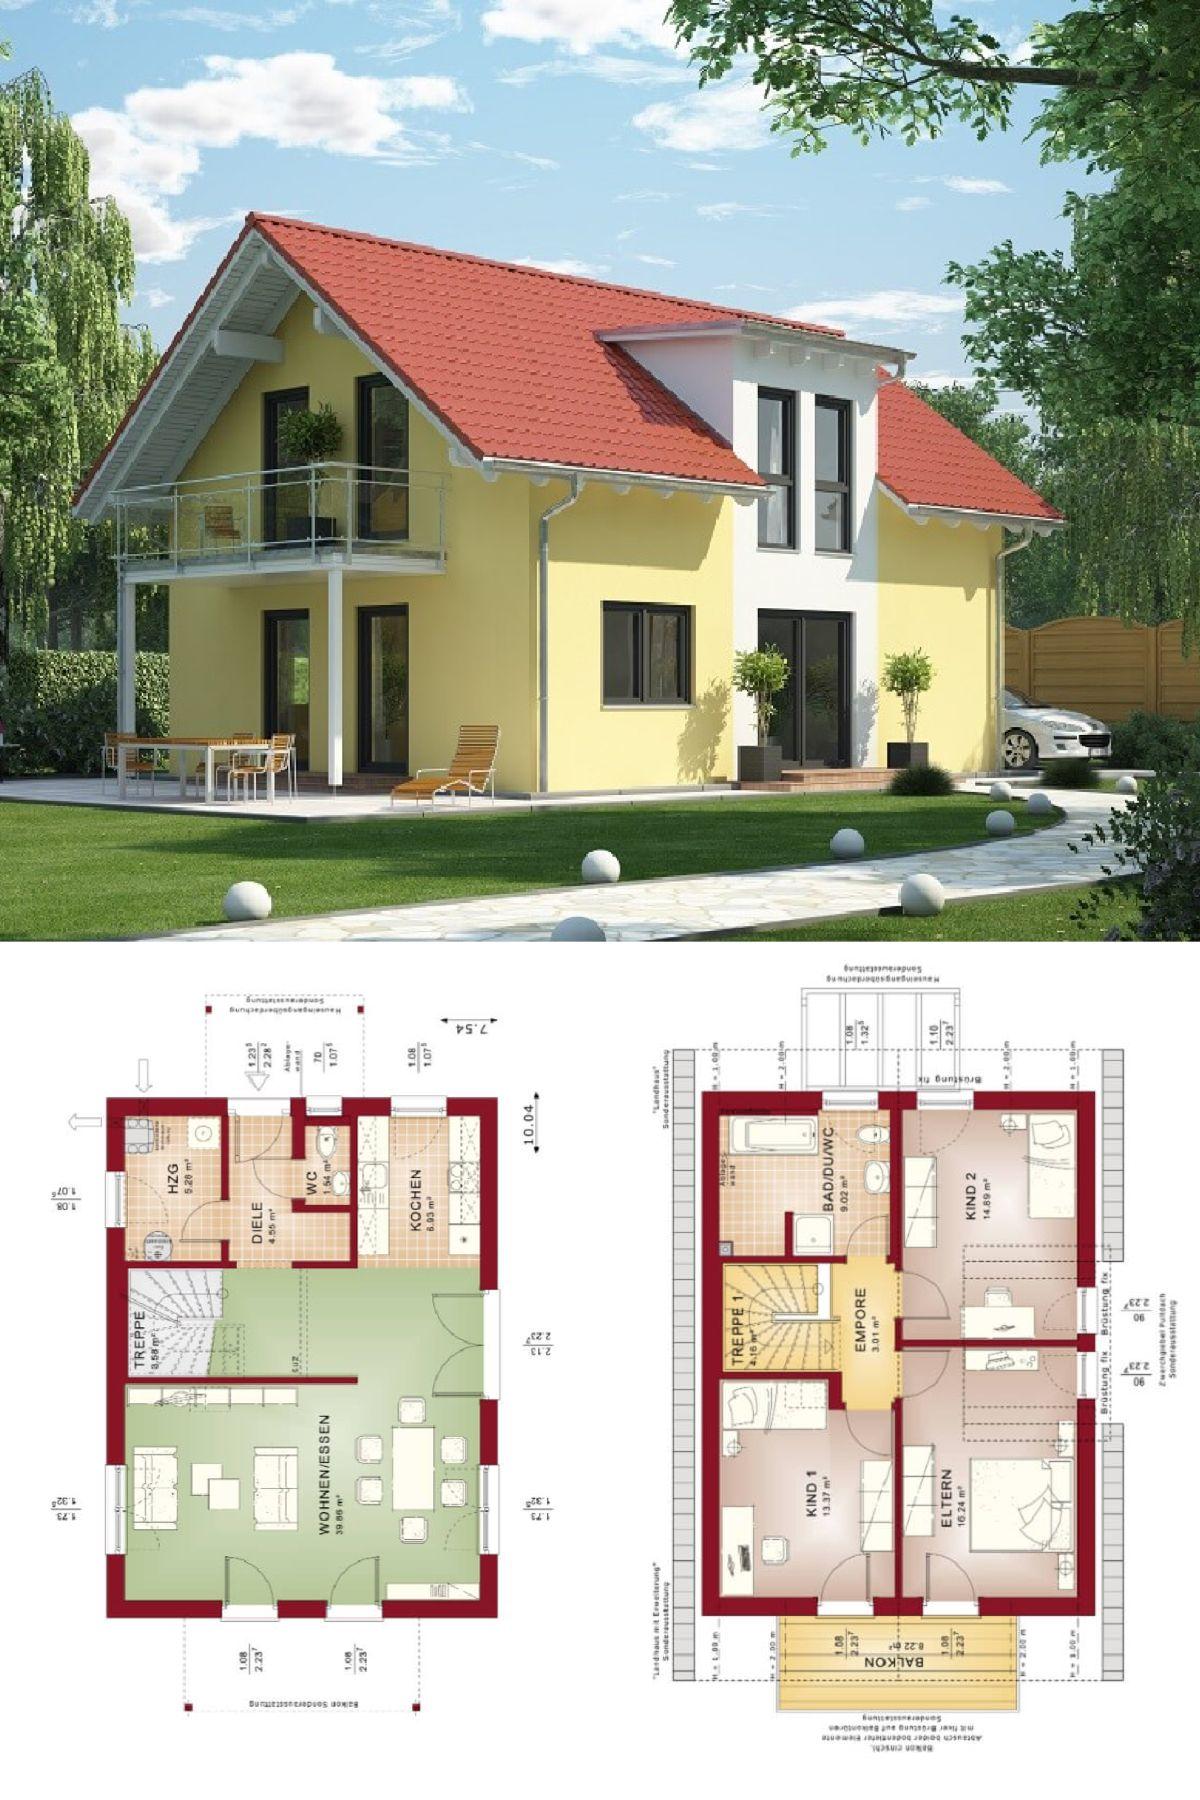 Häufig Einfamilienhaus mit Satteldach Putz Fassade gelb - Haus Grundriss MP55